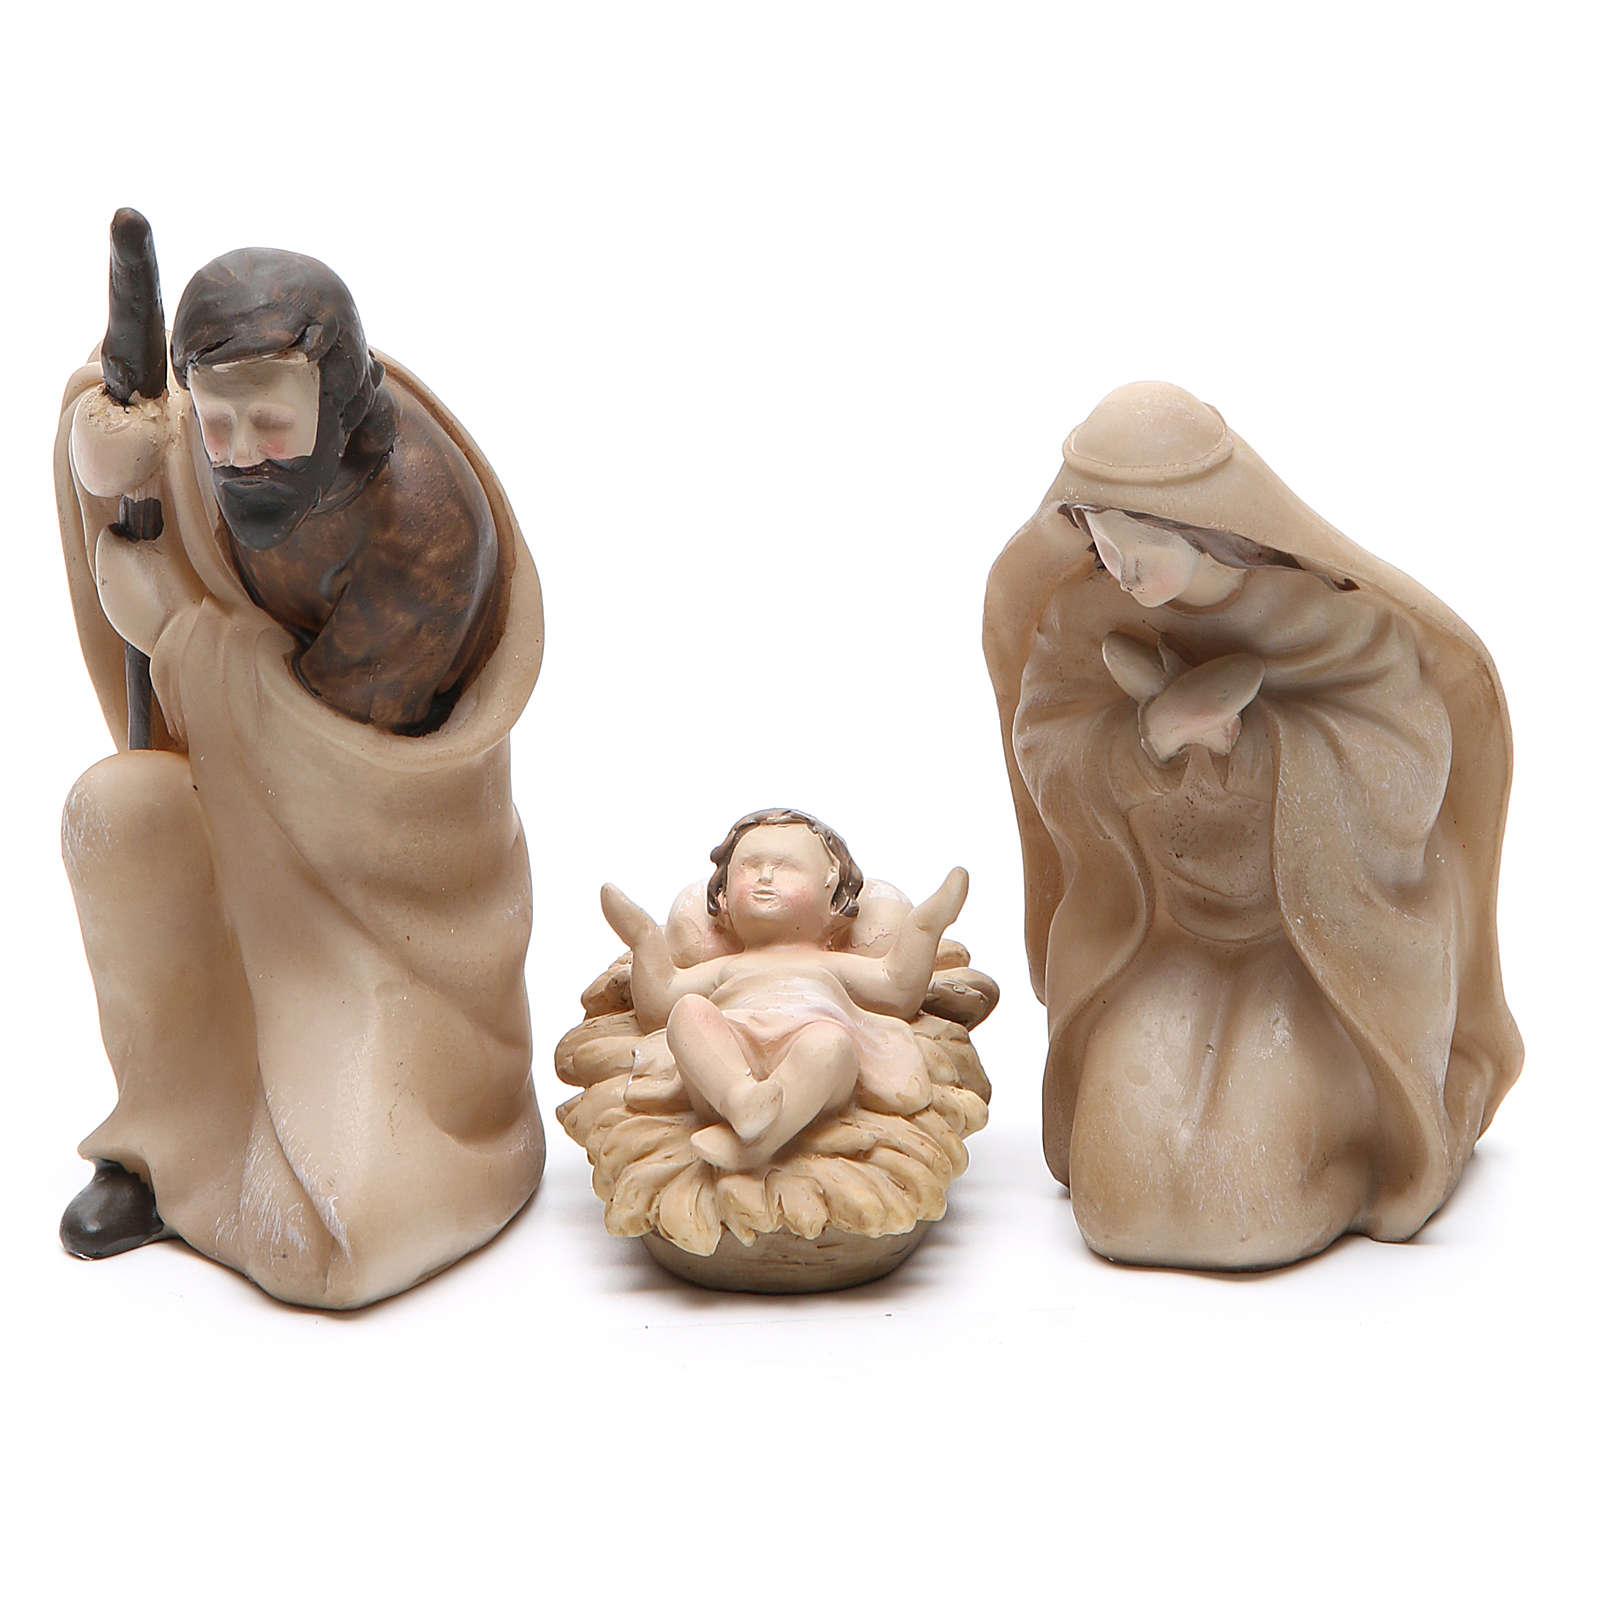 Nativité résine stylisée 3 pièces 21 cm 3